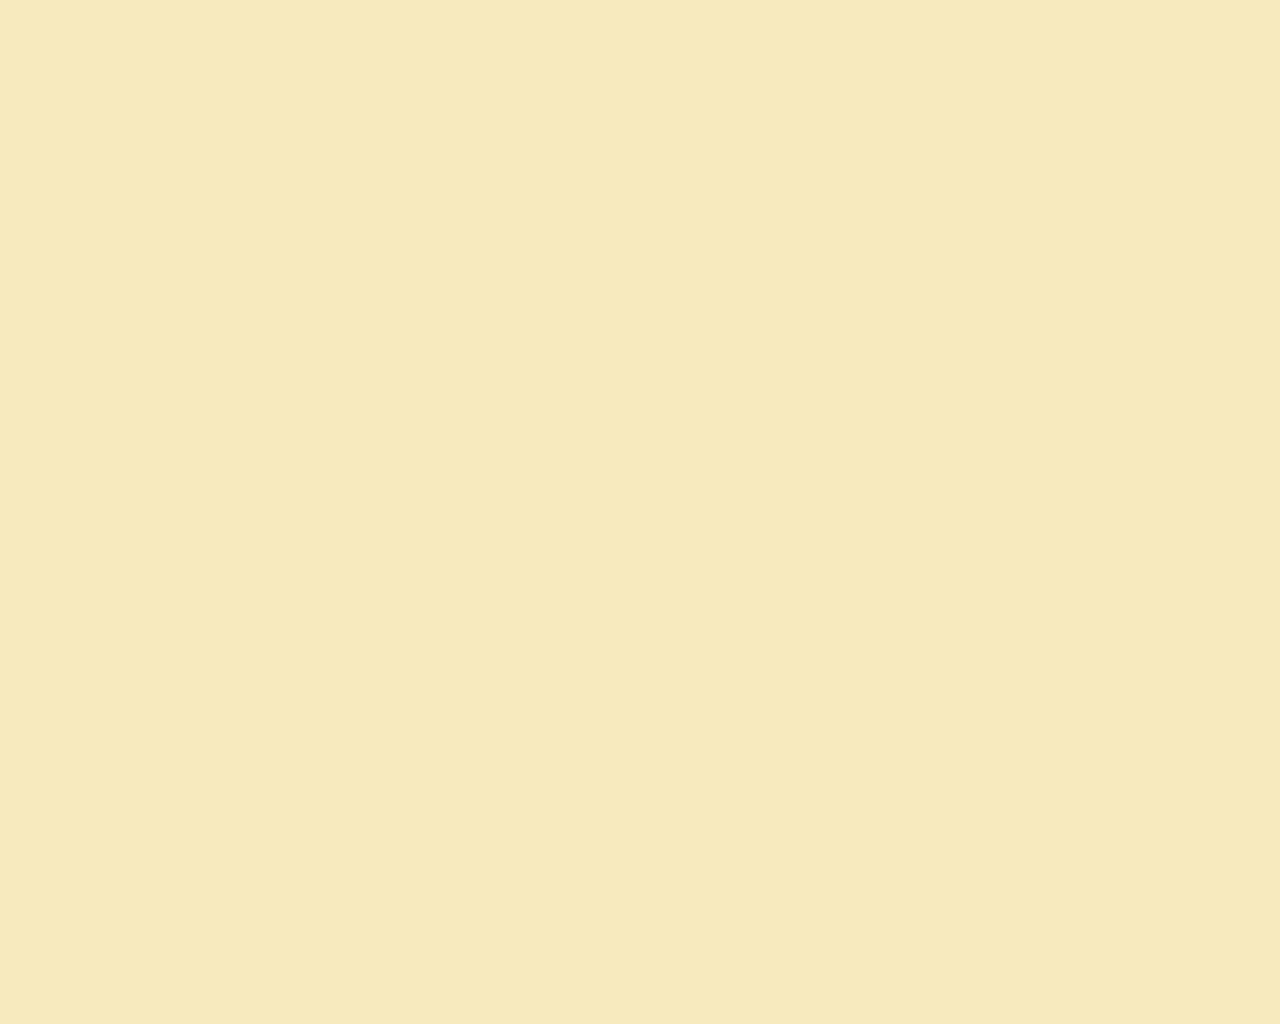 1280x1024 Lemon Meringue Solid Color Background